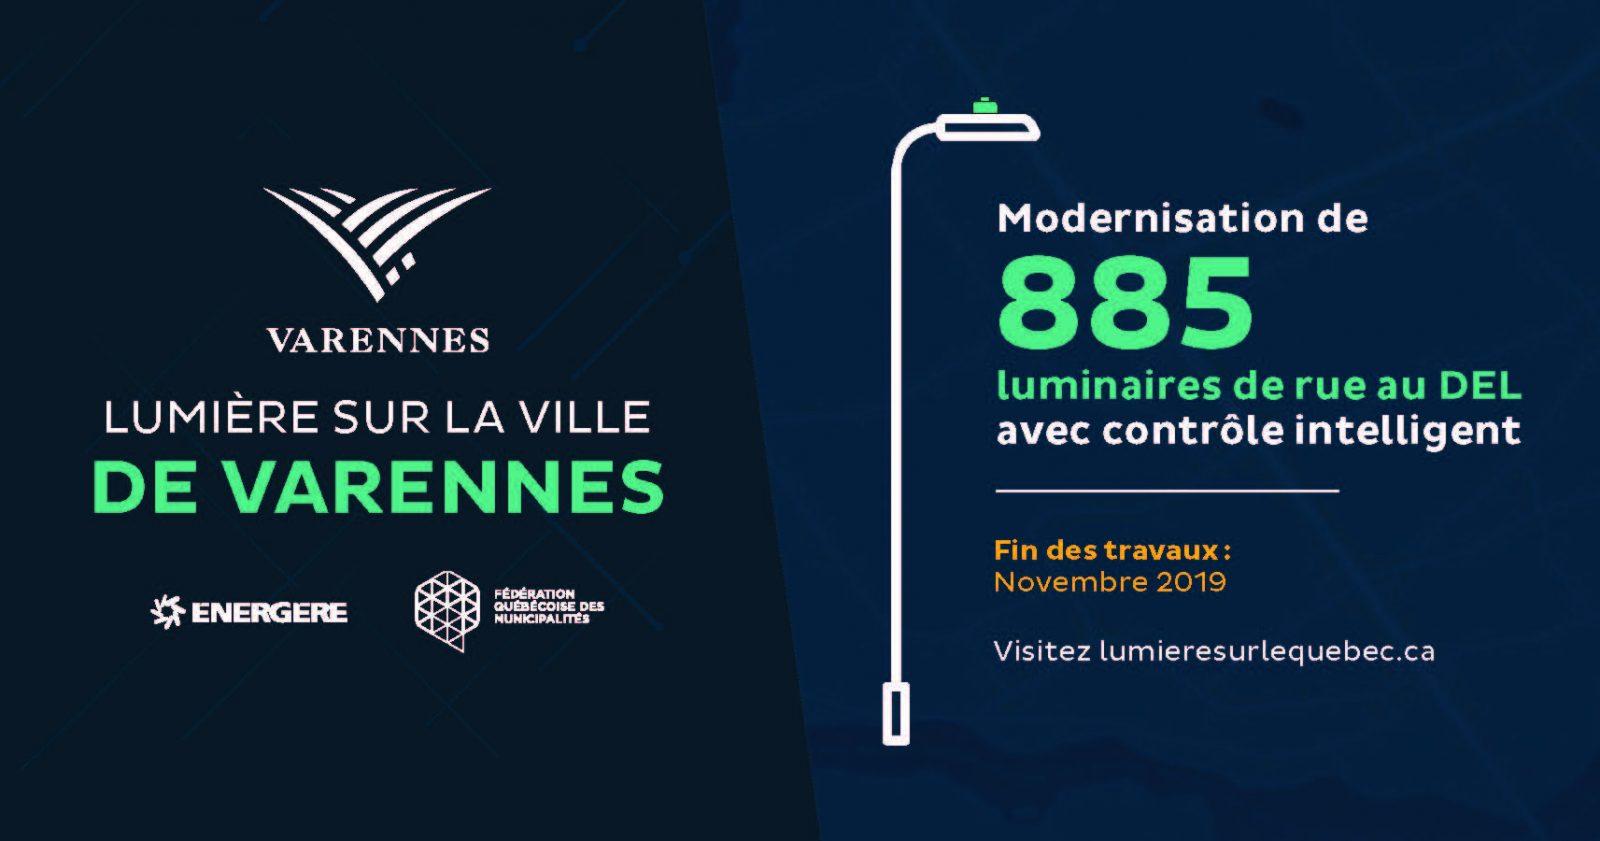 Varennes transforme son réseau d'éclairage municipal